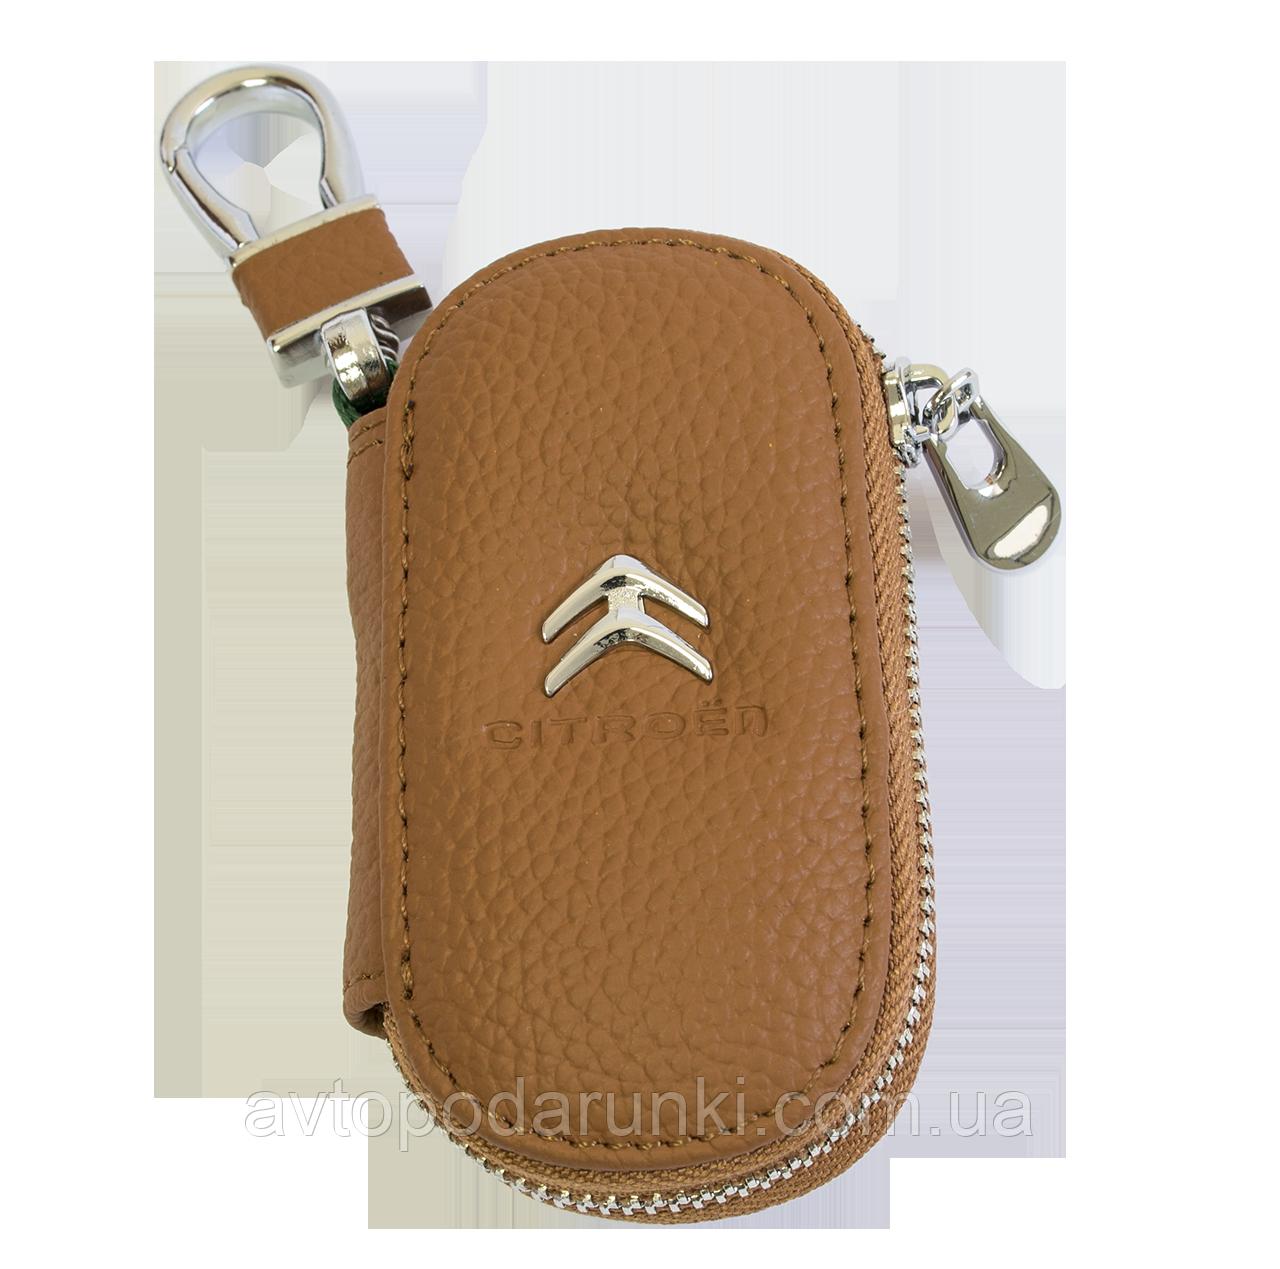 Ключница CITROEN, кожаная автоключница с логотипом  СИТРОЕН (коричневая 17001)